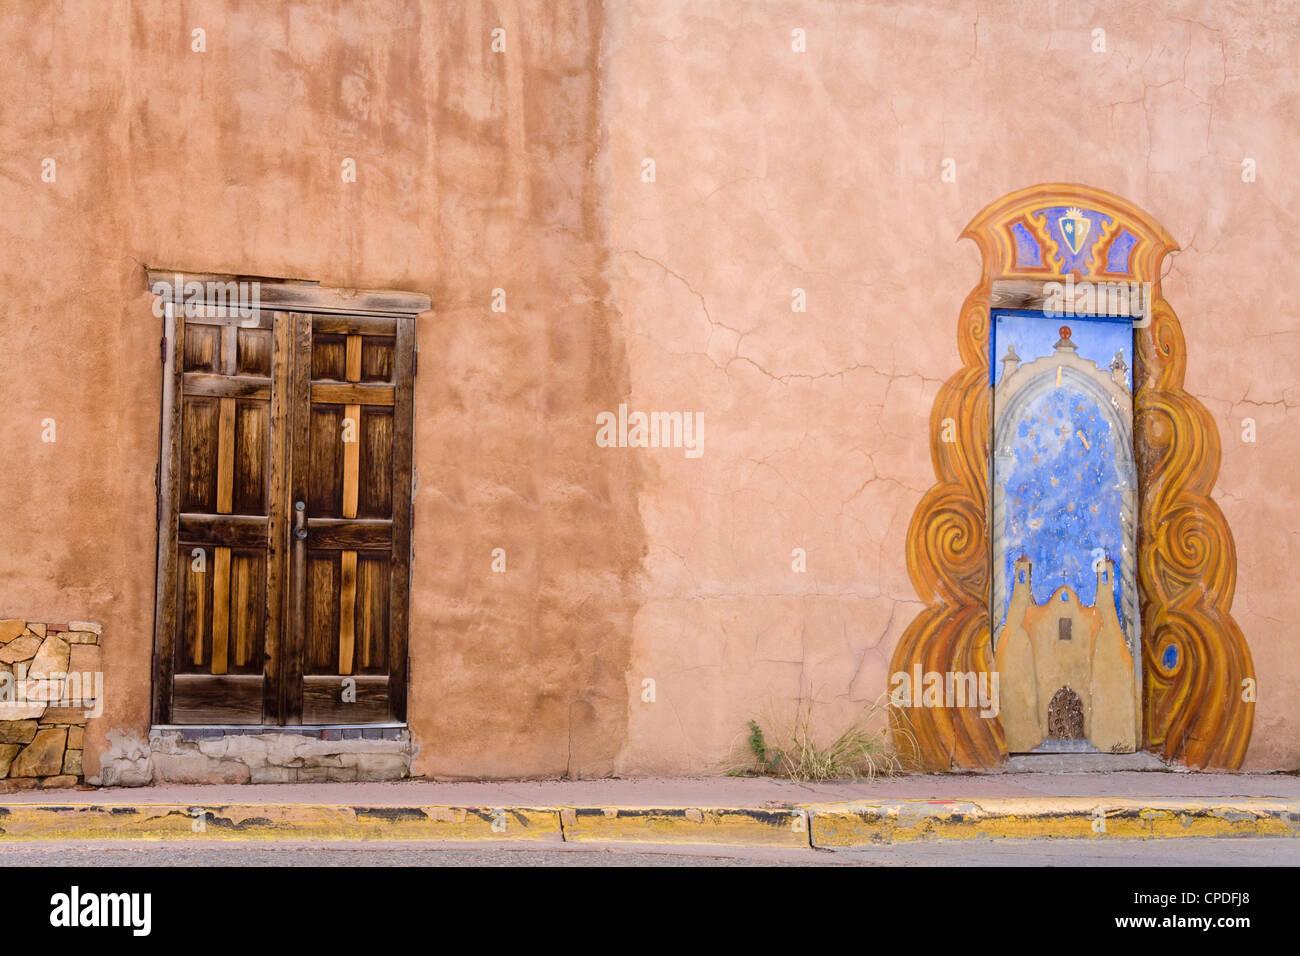 Porte in Santa Fe, New Mexico, Stati Uniti d'America, America del Nord Immagini Stock